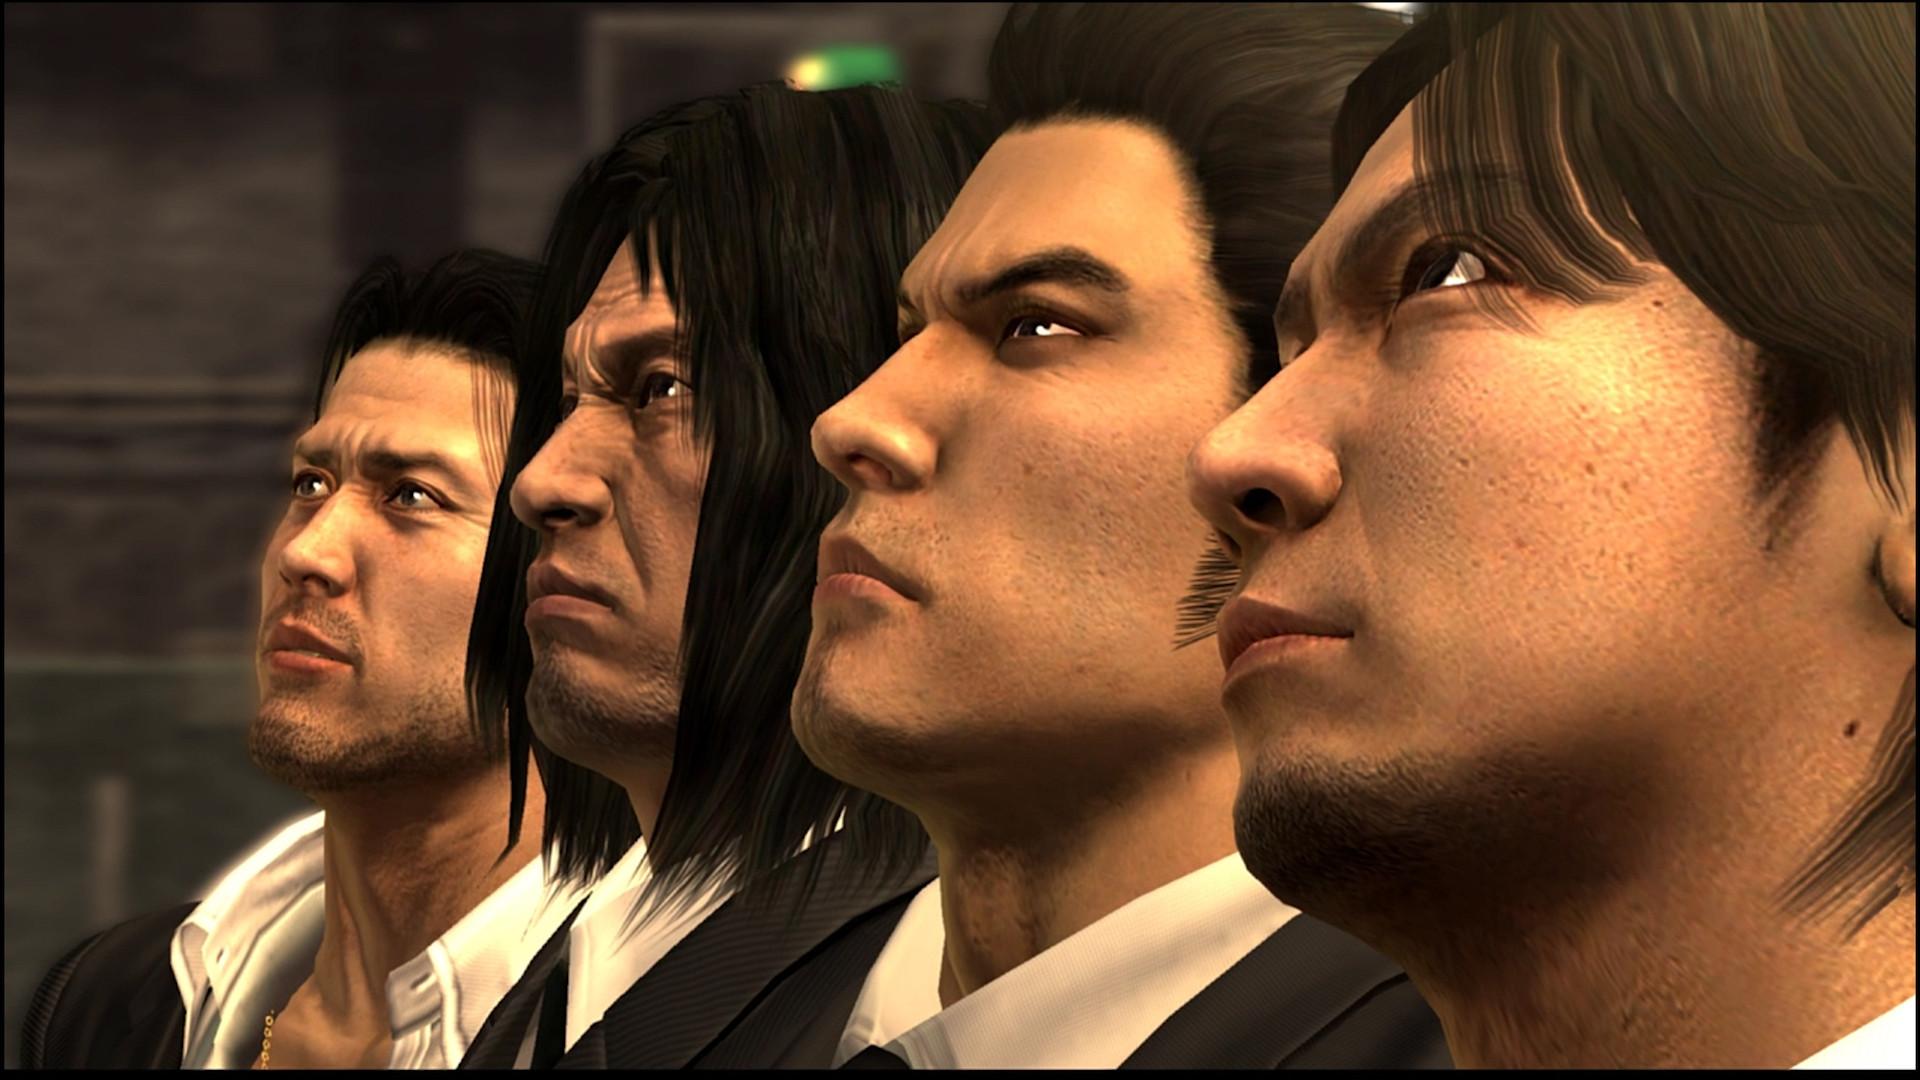 yakuza-4-remastered-pc-screenshot-02